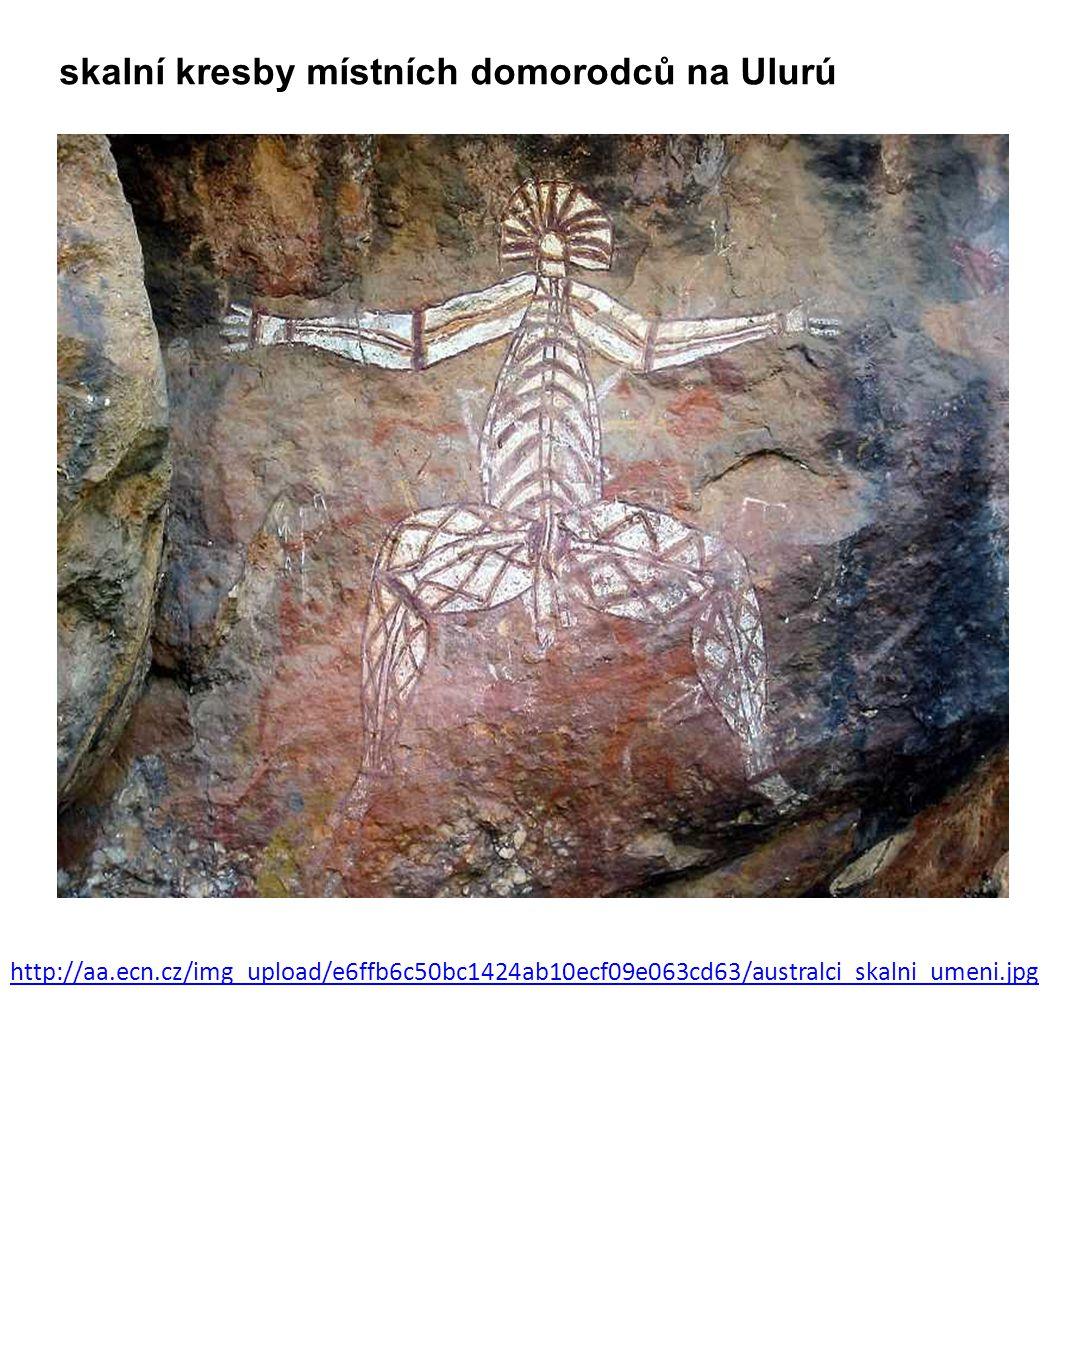 skalní kresby místních domorodců na Ulurú http://aa.ecn.cz/img_upload/e6ffb6c50bc1424ab10ecf09e063cd63/australci_skalni_umeni.jpg